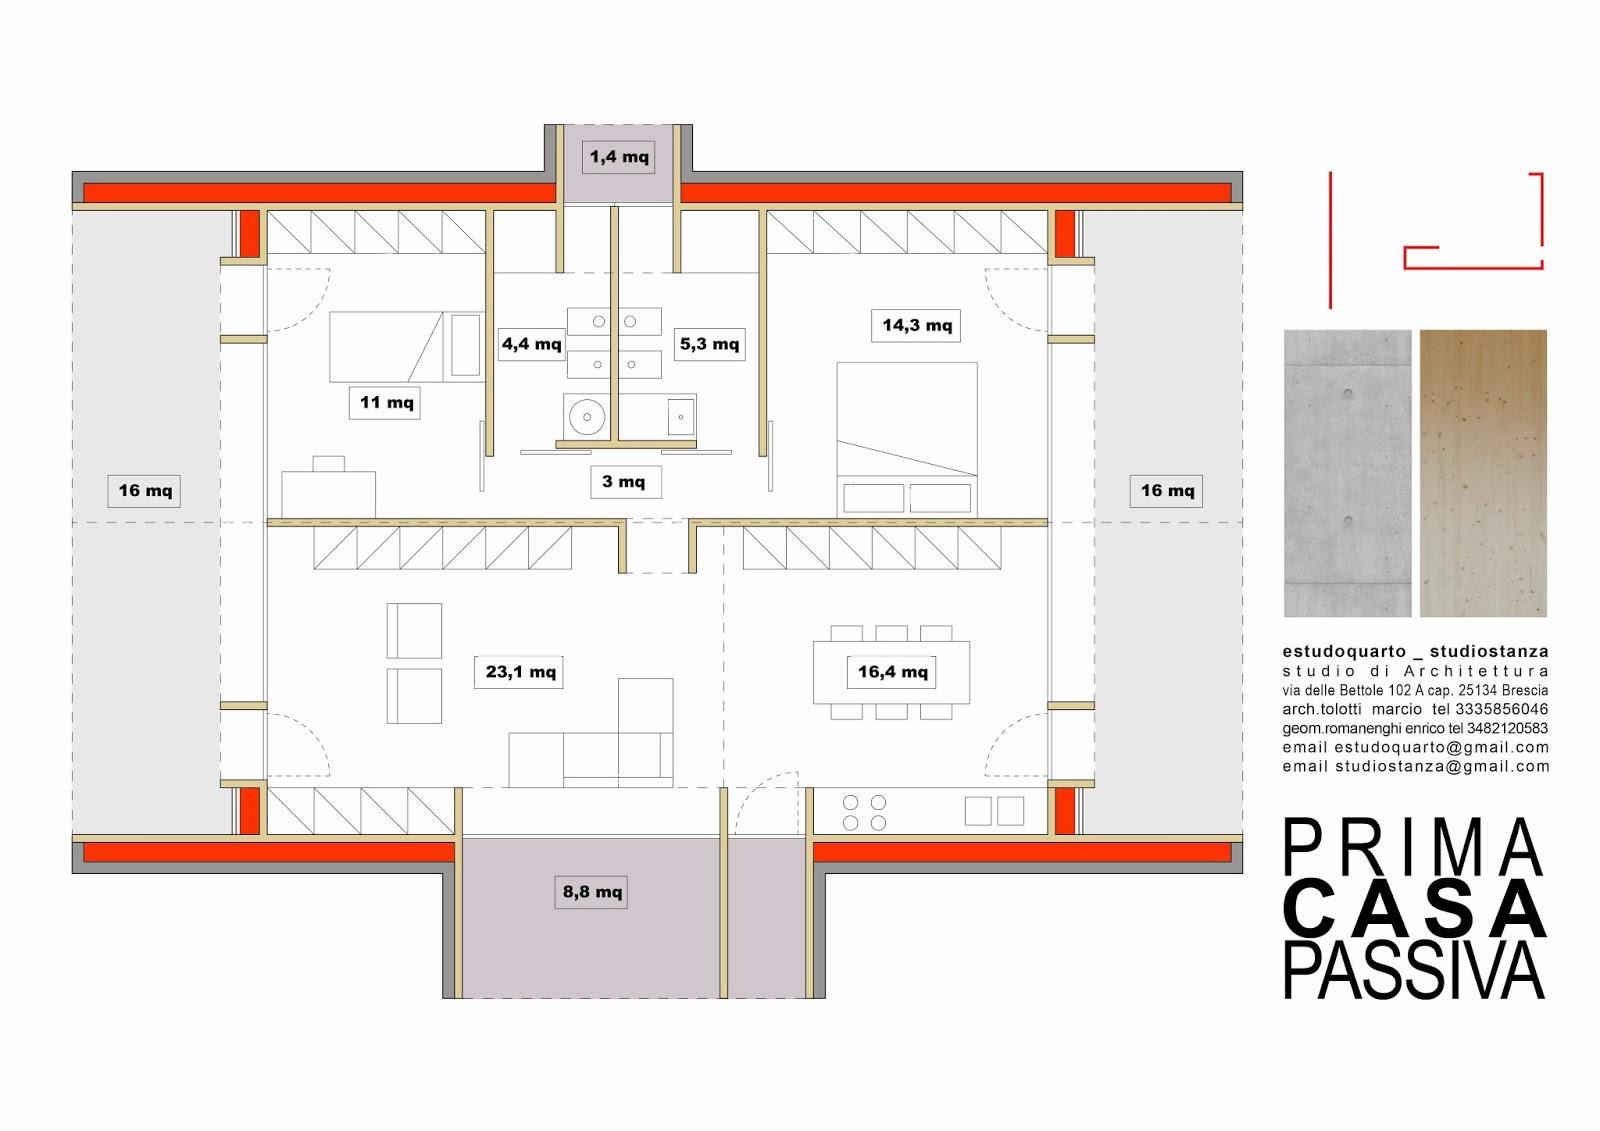 Estudoquarto Studiostanza Progetta Prima Casa Passiva